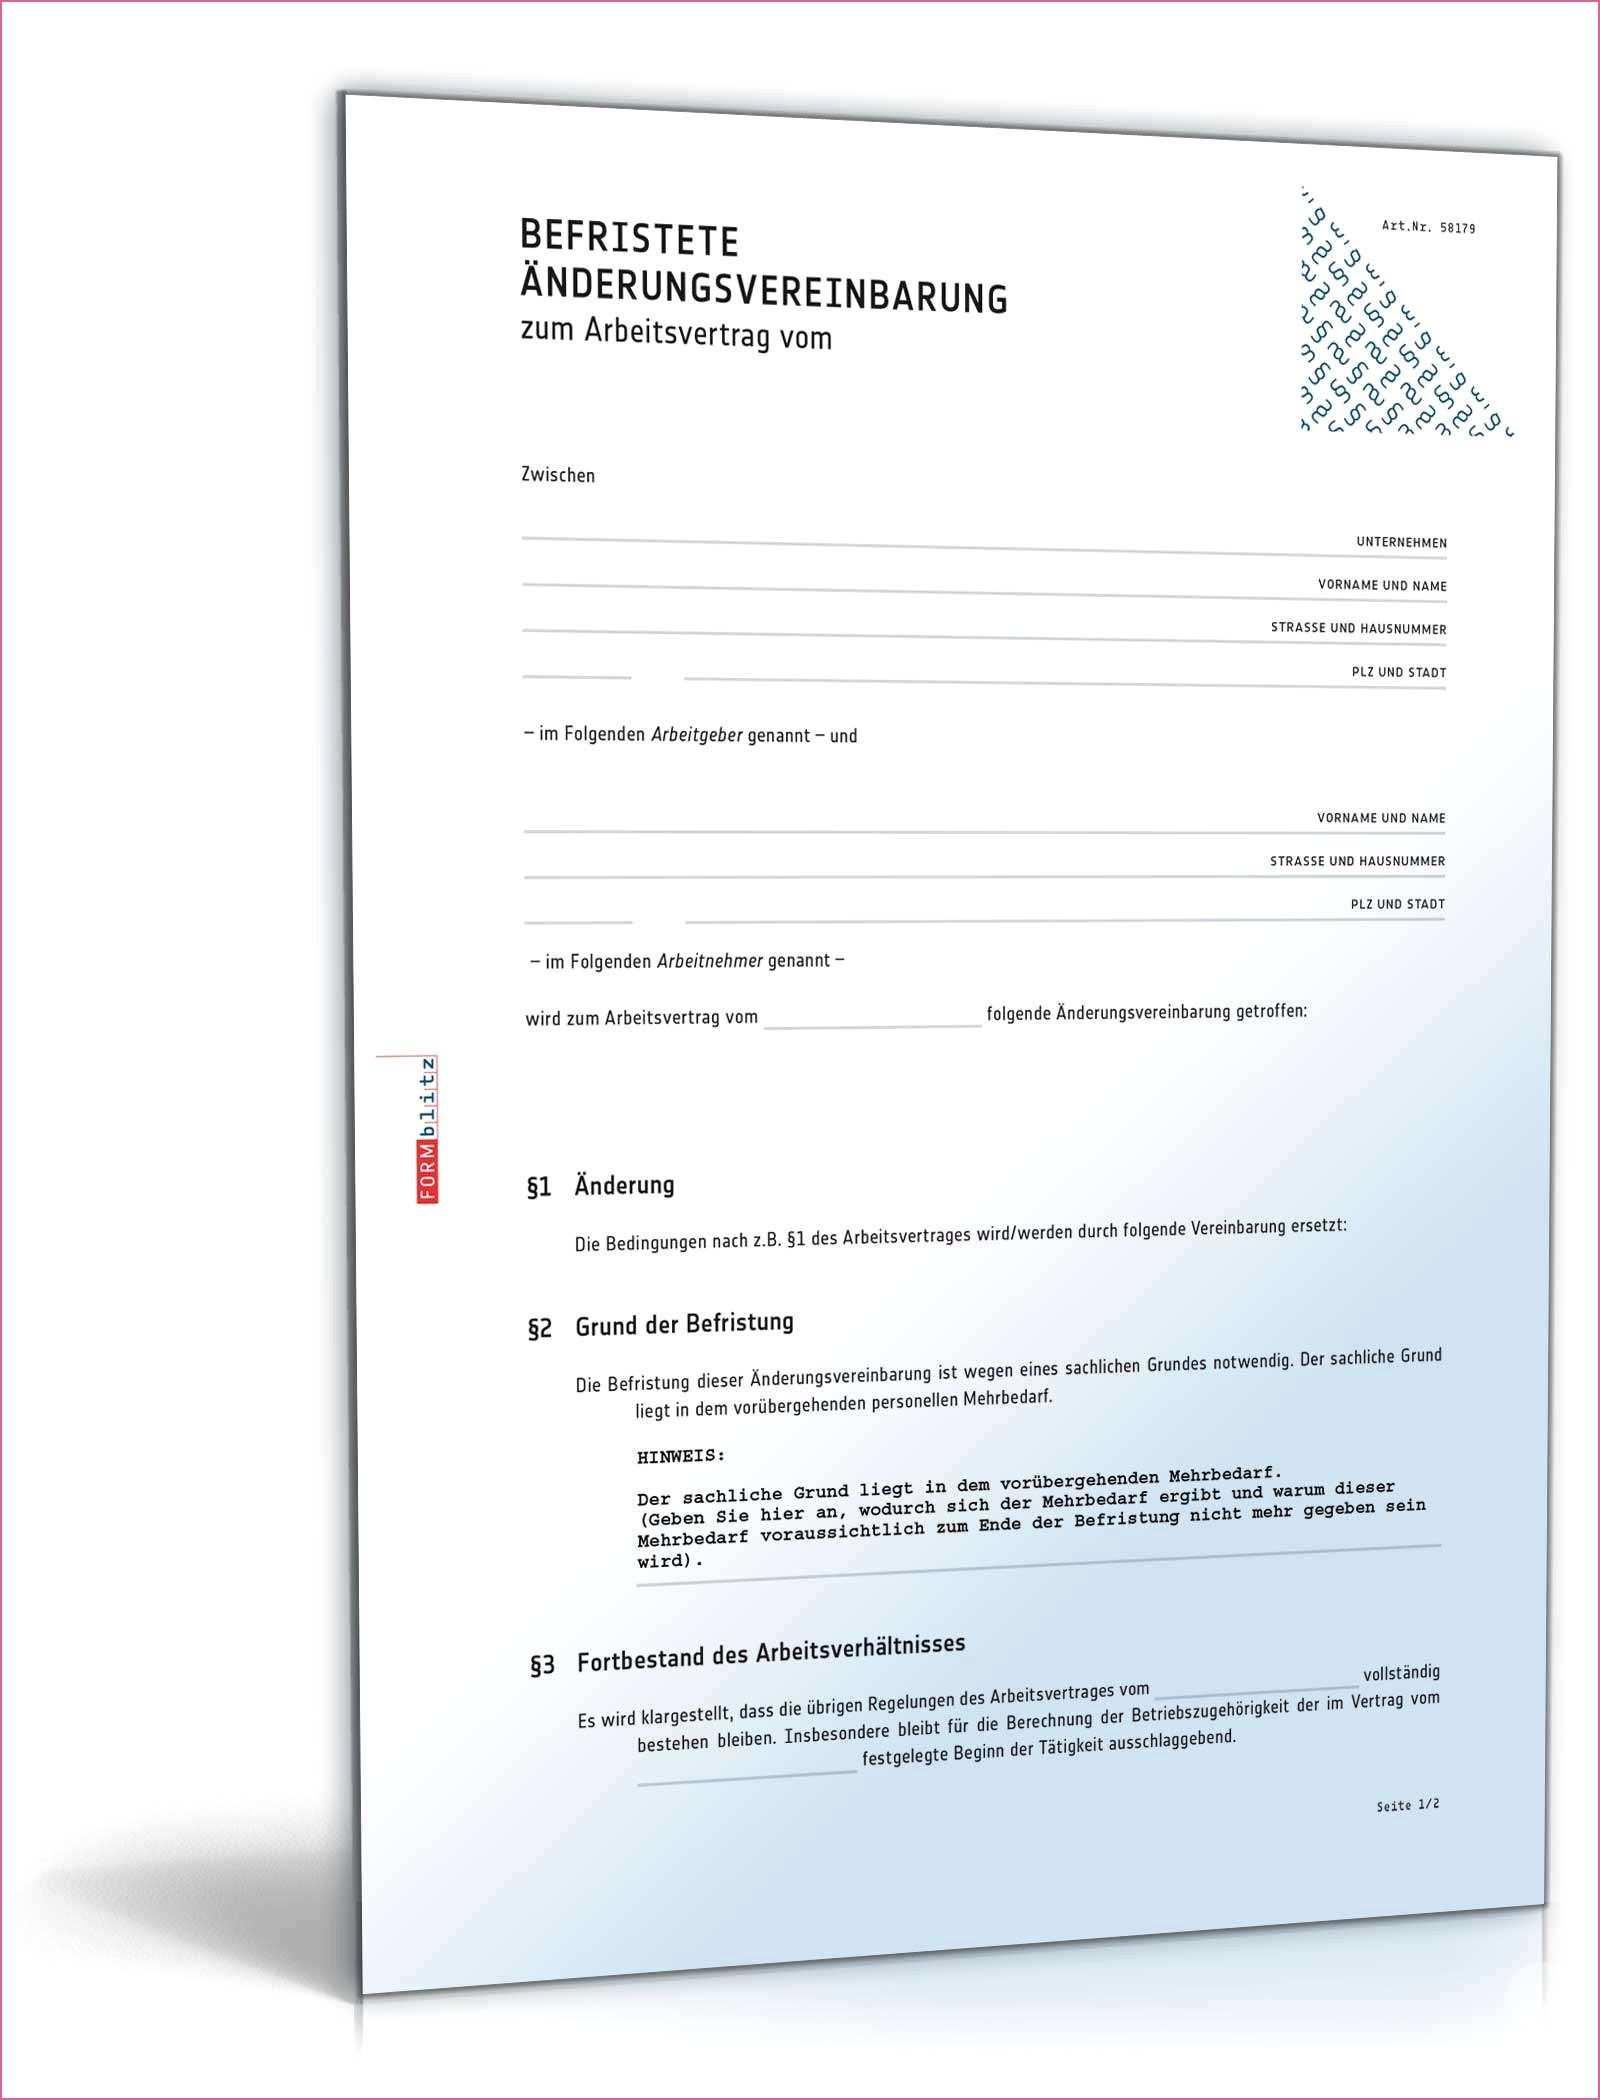 Fein Kundigung Arbeitnehmer Vorlage Word Vorlagen Word Excel Vorlage Rechnung Vorlage